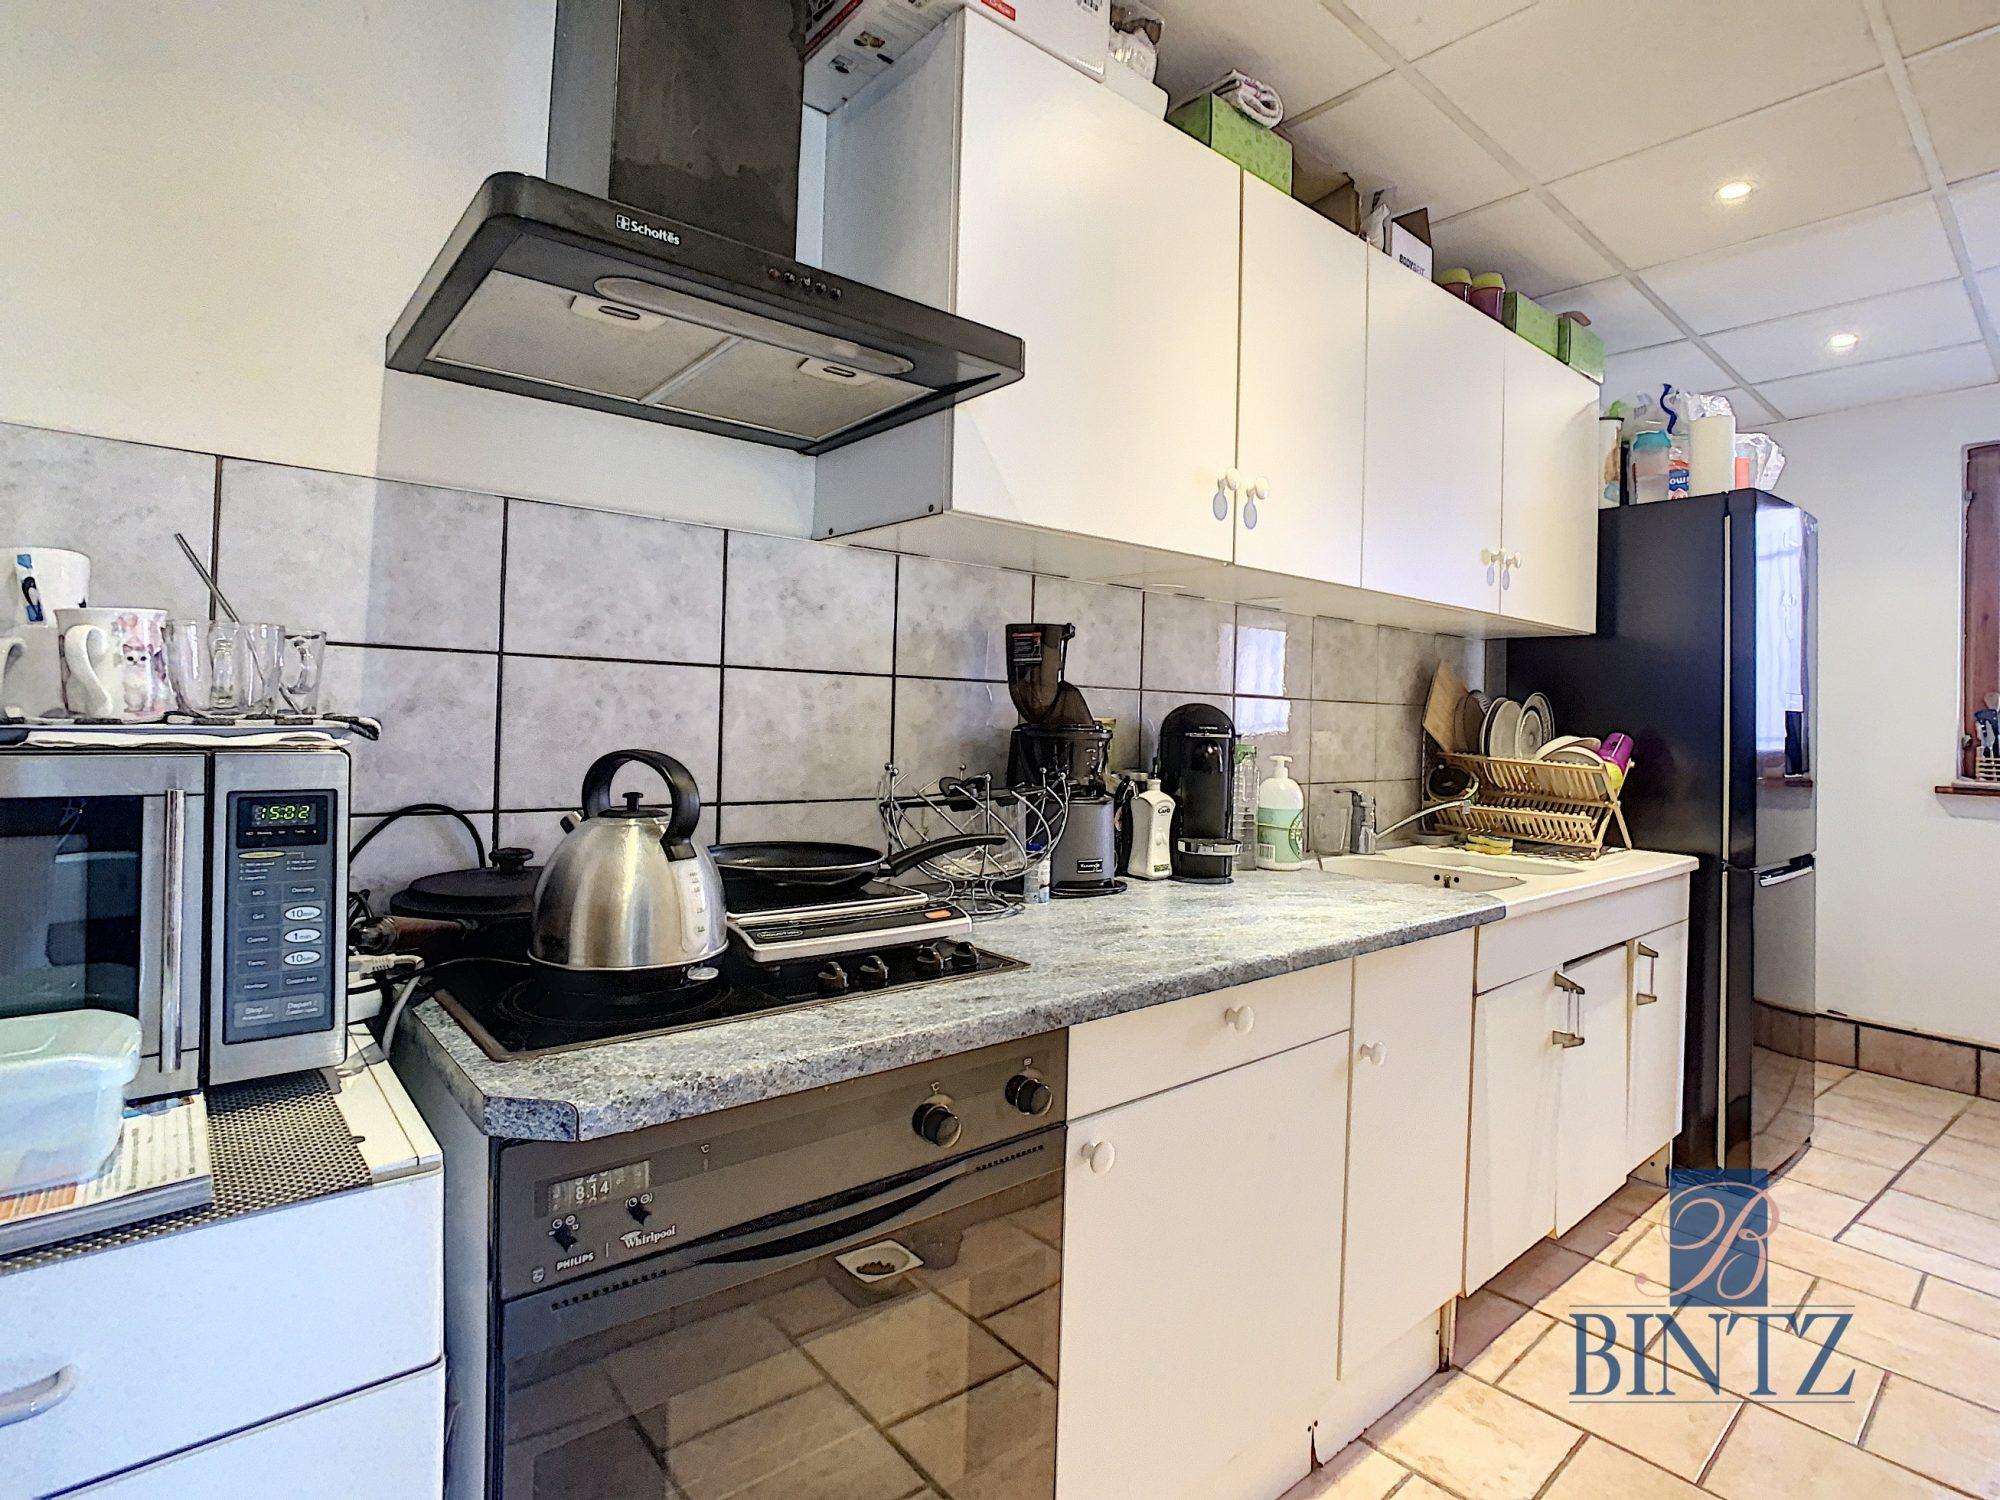 Pour investisseur : maison 2 pièces louée, avec garage fermé - Devenez propriétaire en toute confiance - Bintz Immobilier - 10